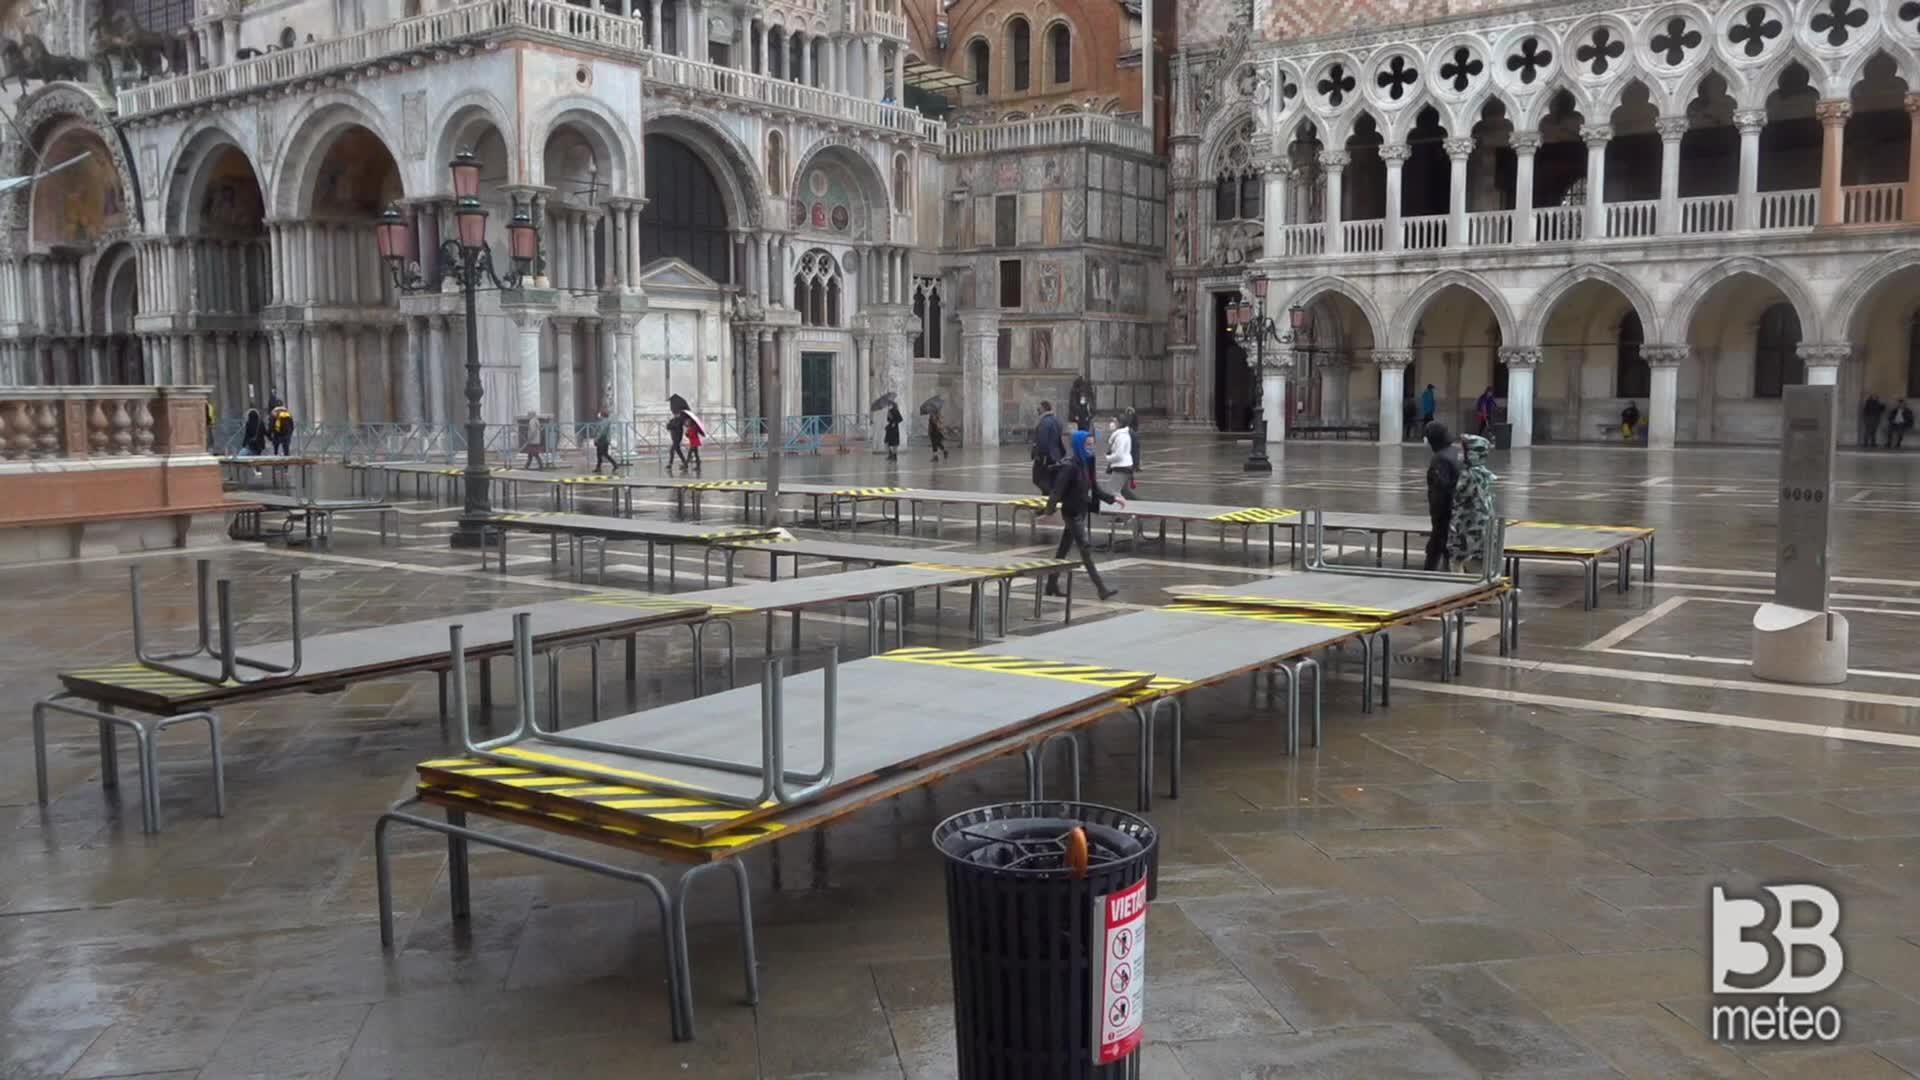 Venezia asciutta grazie al Mose: la città non si è allagata